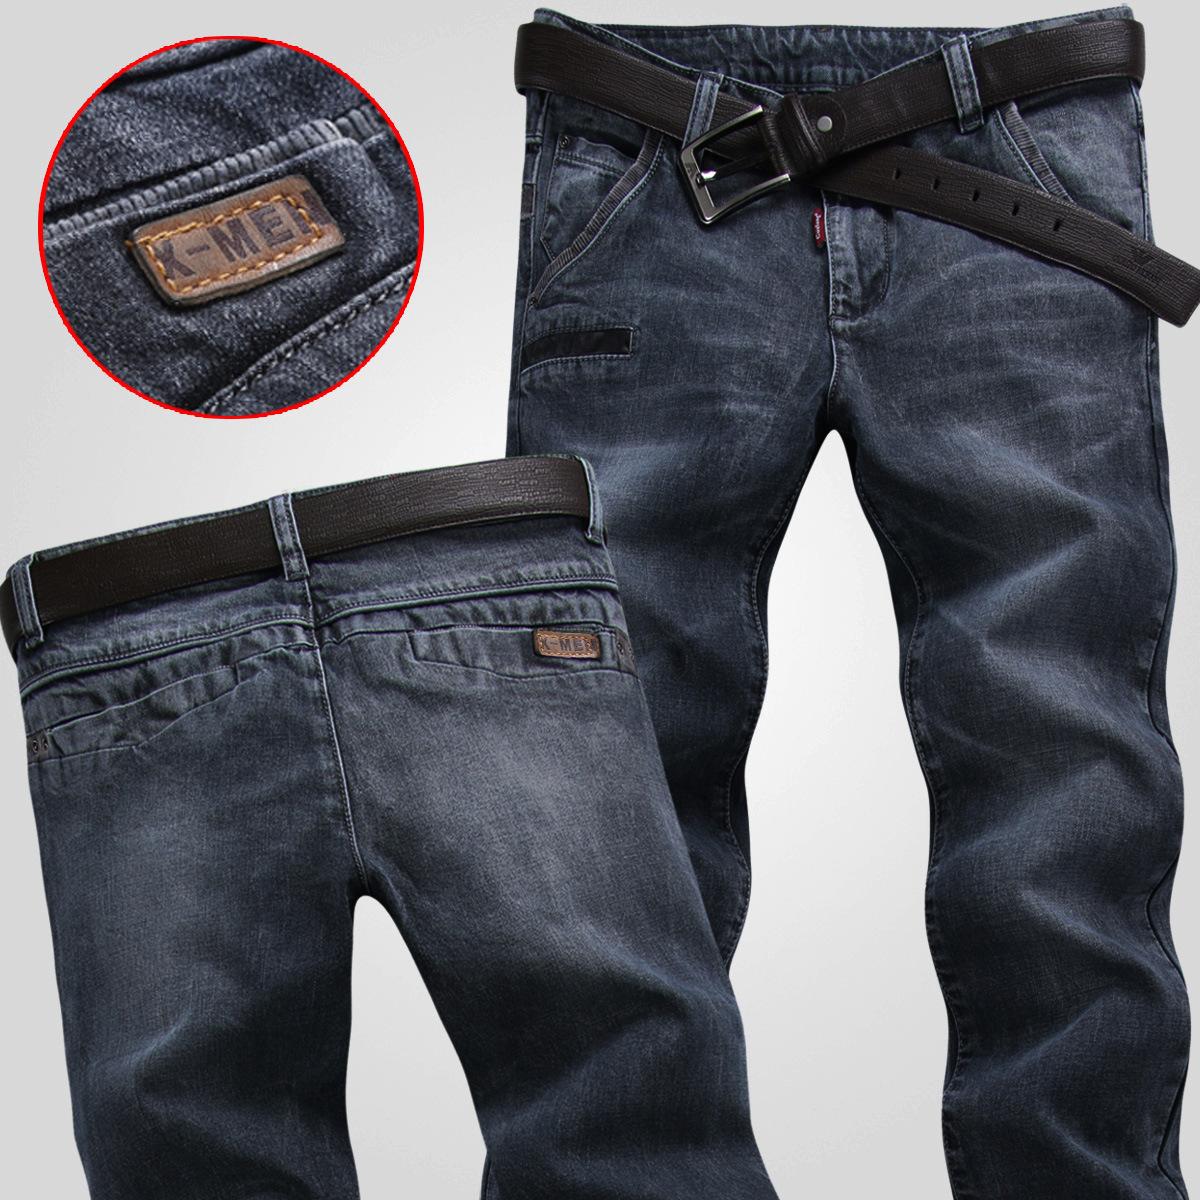 夏季薄款黑灰色牛仔裤男韩版修身中低腰弹力复古小脚长裤子潮